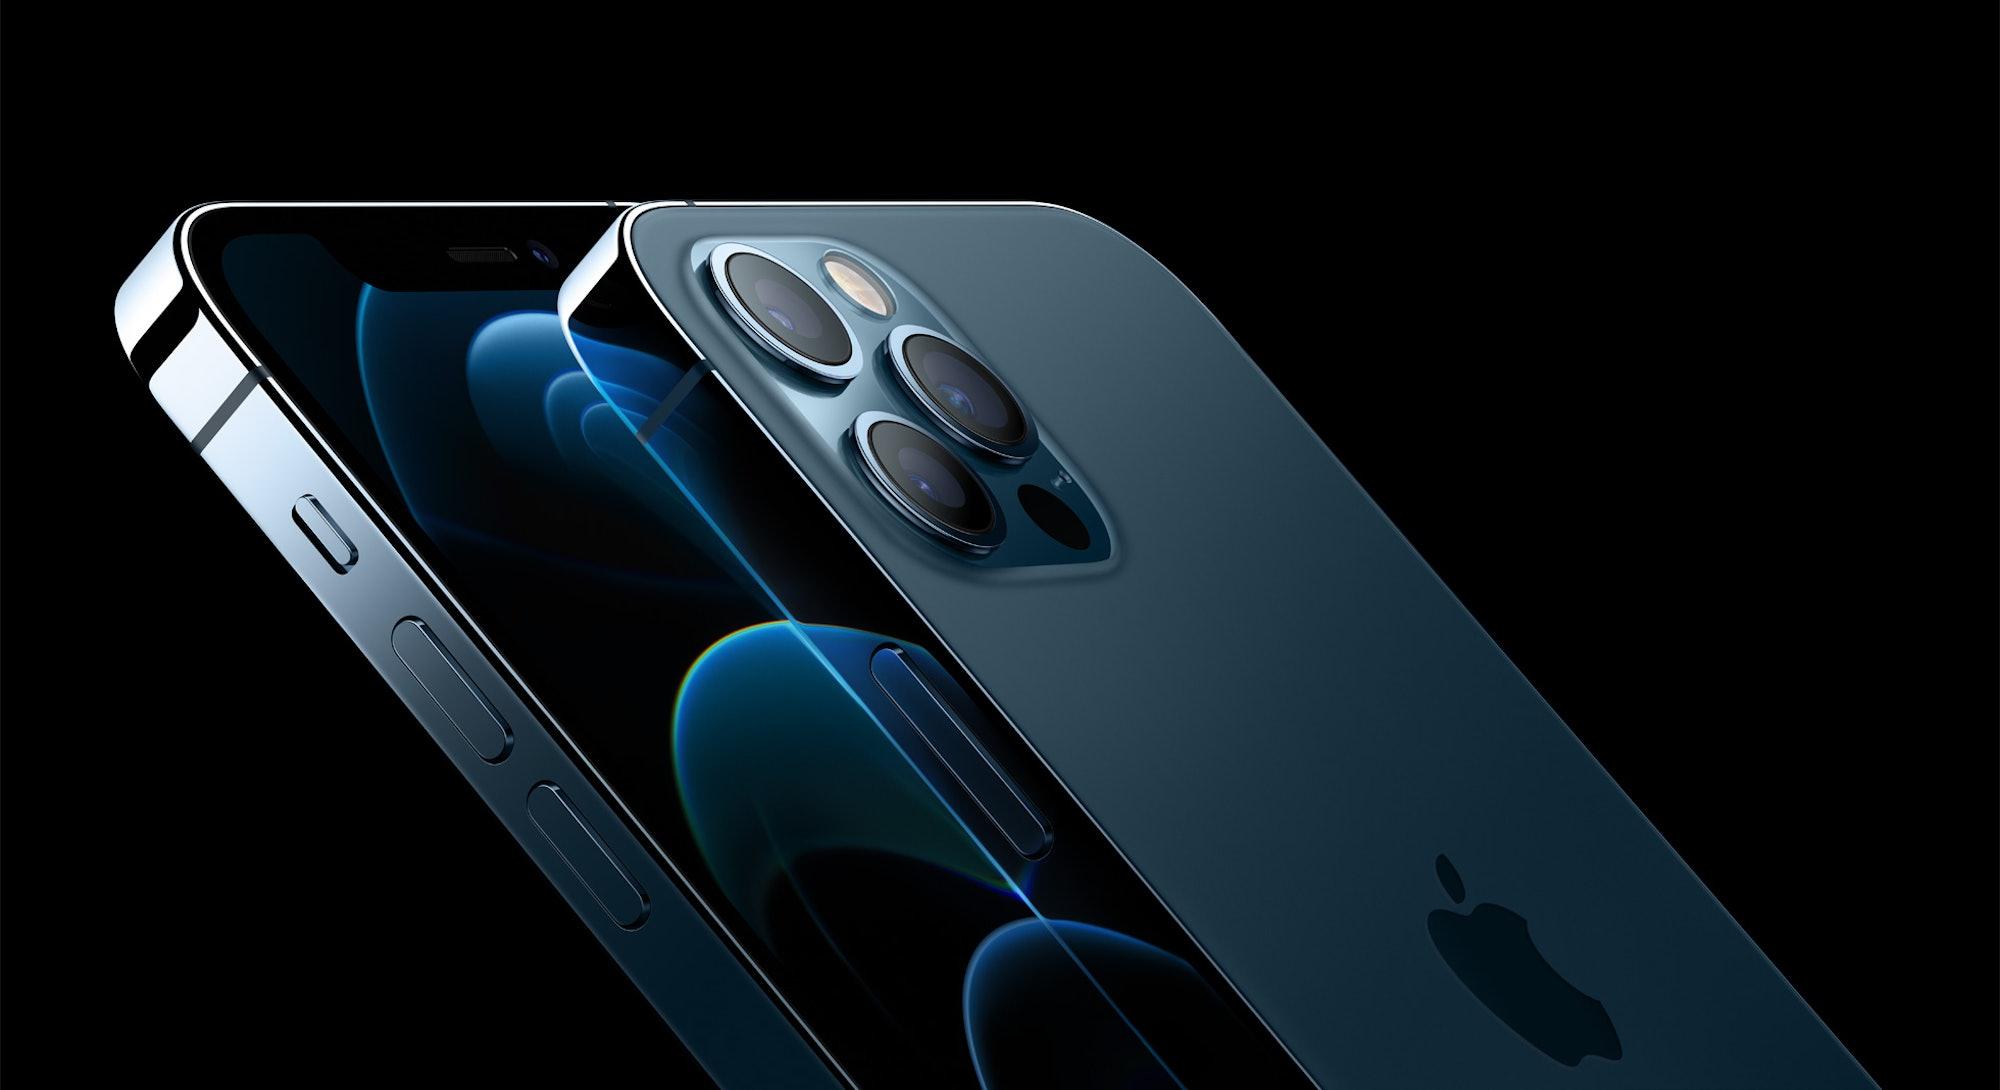 An iPhone 12 close up